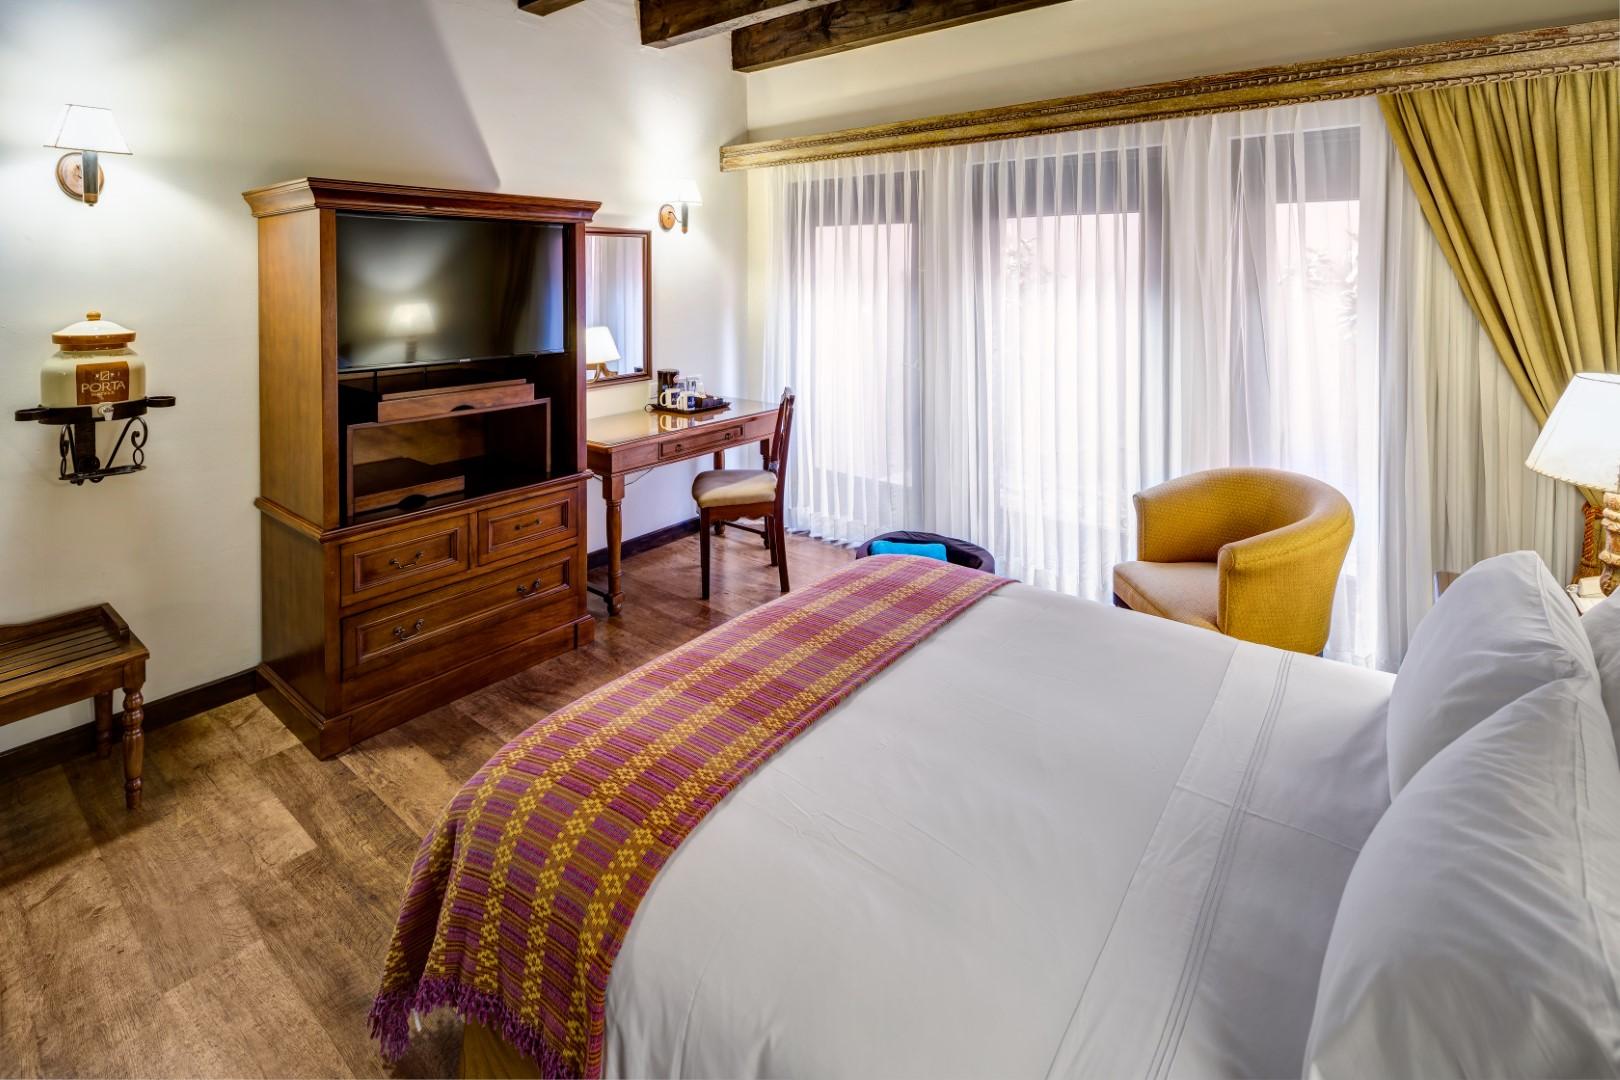 Porta_Hotel_Antigua_Hi-Res-26.jpg